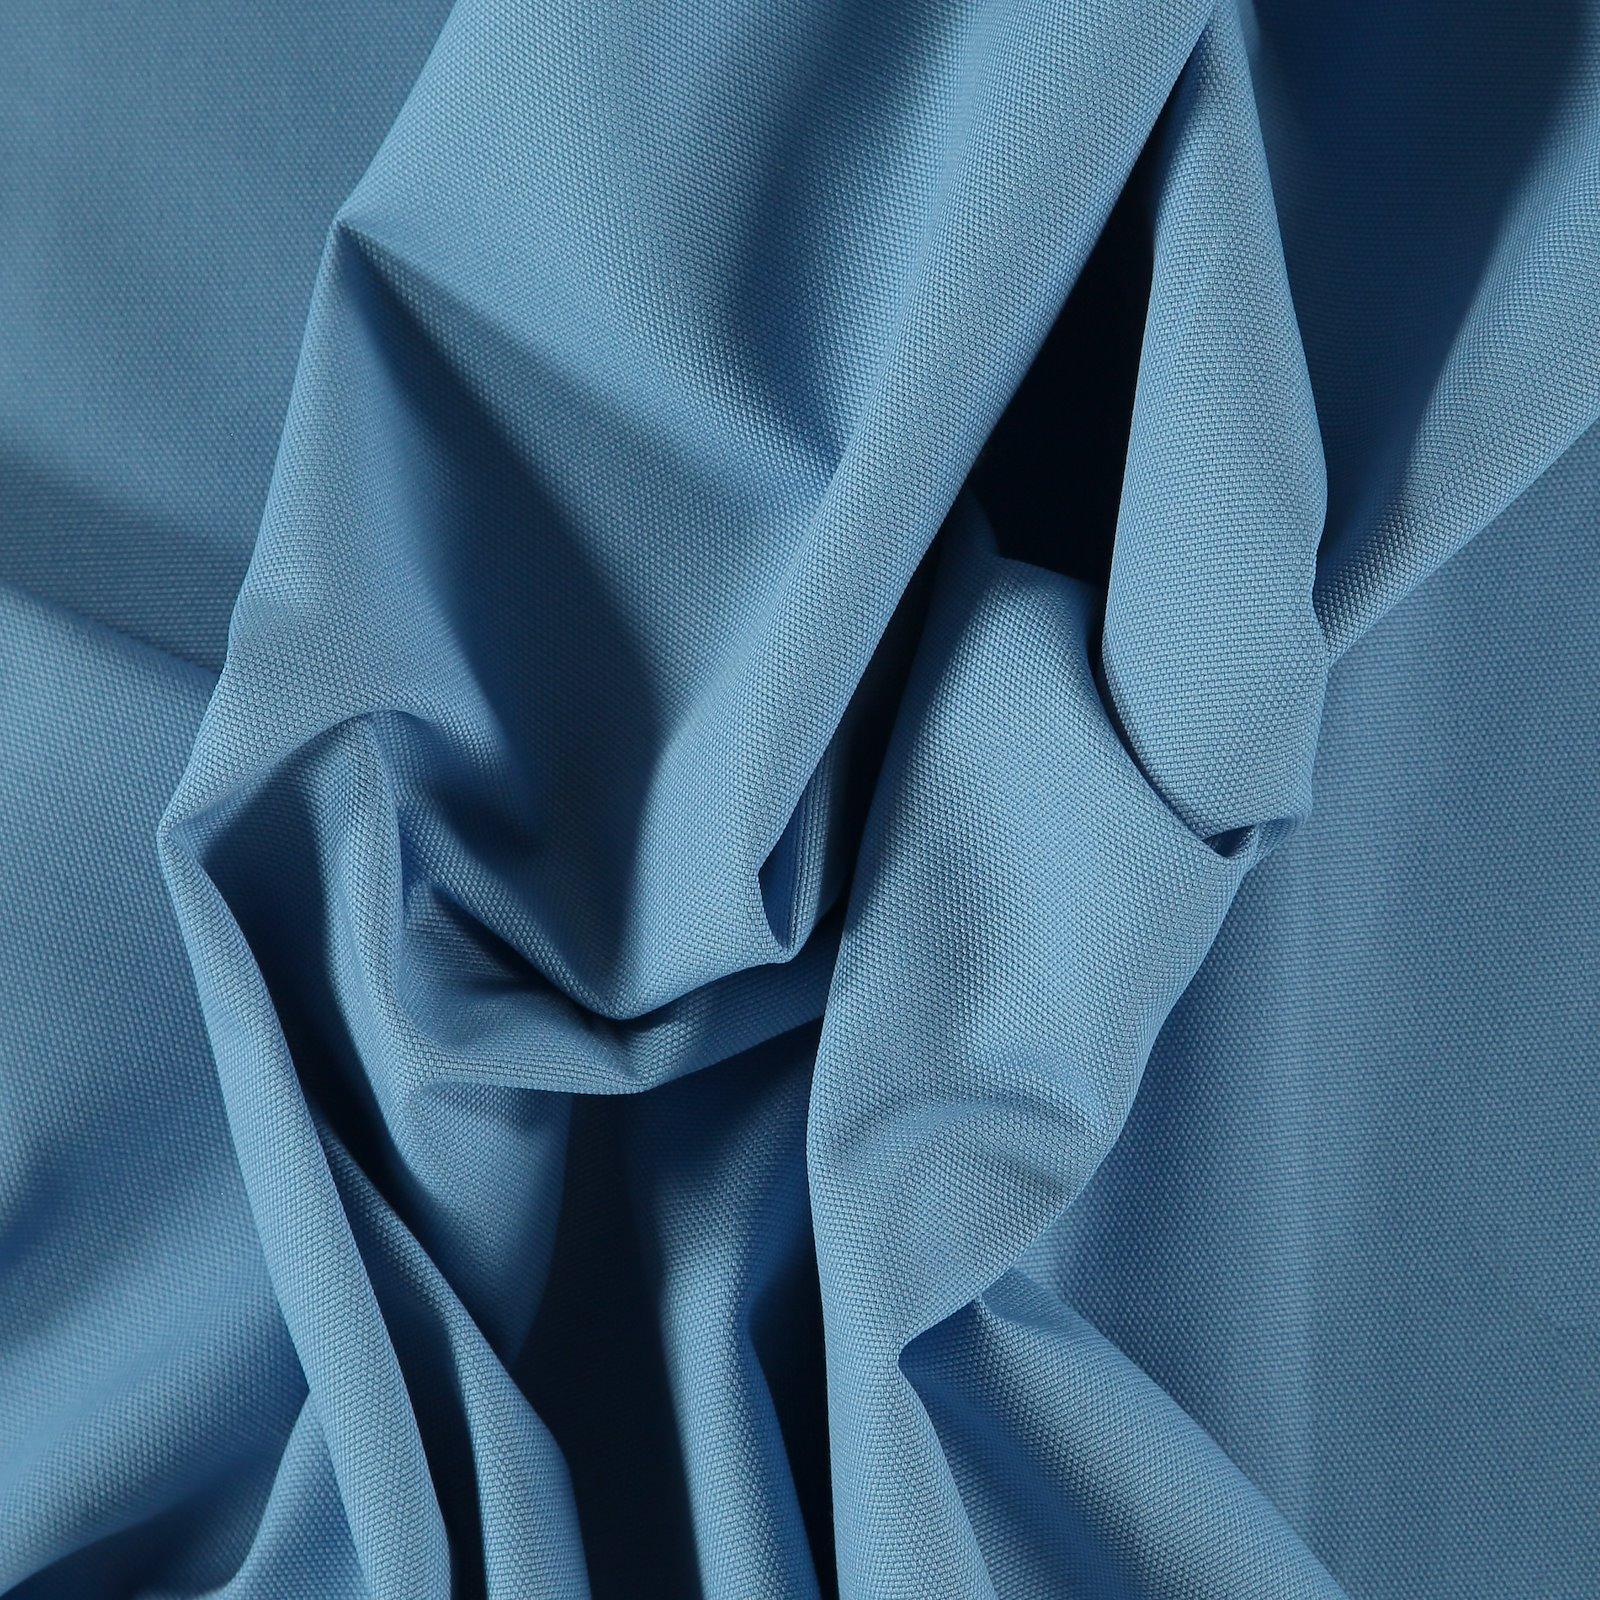 Cotton canvas light cobalt blue 780478_pack